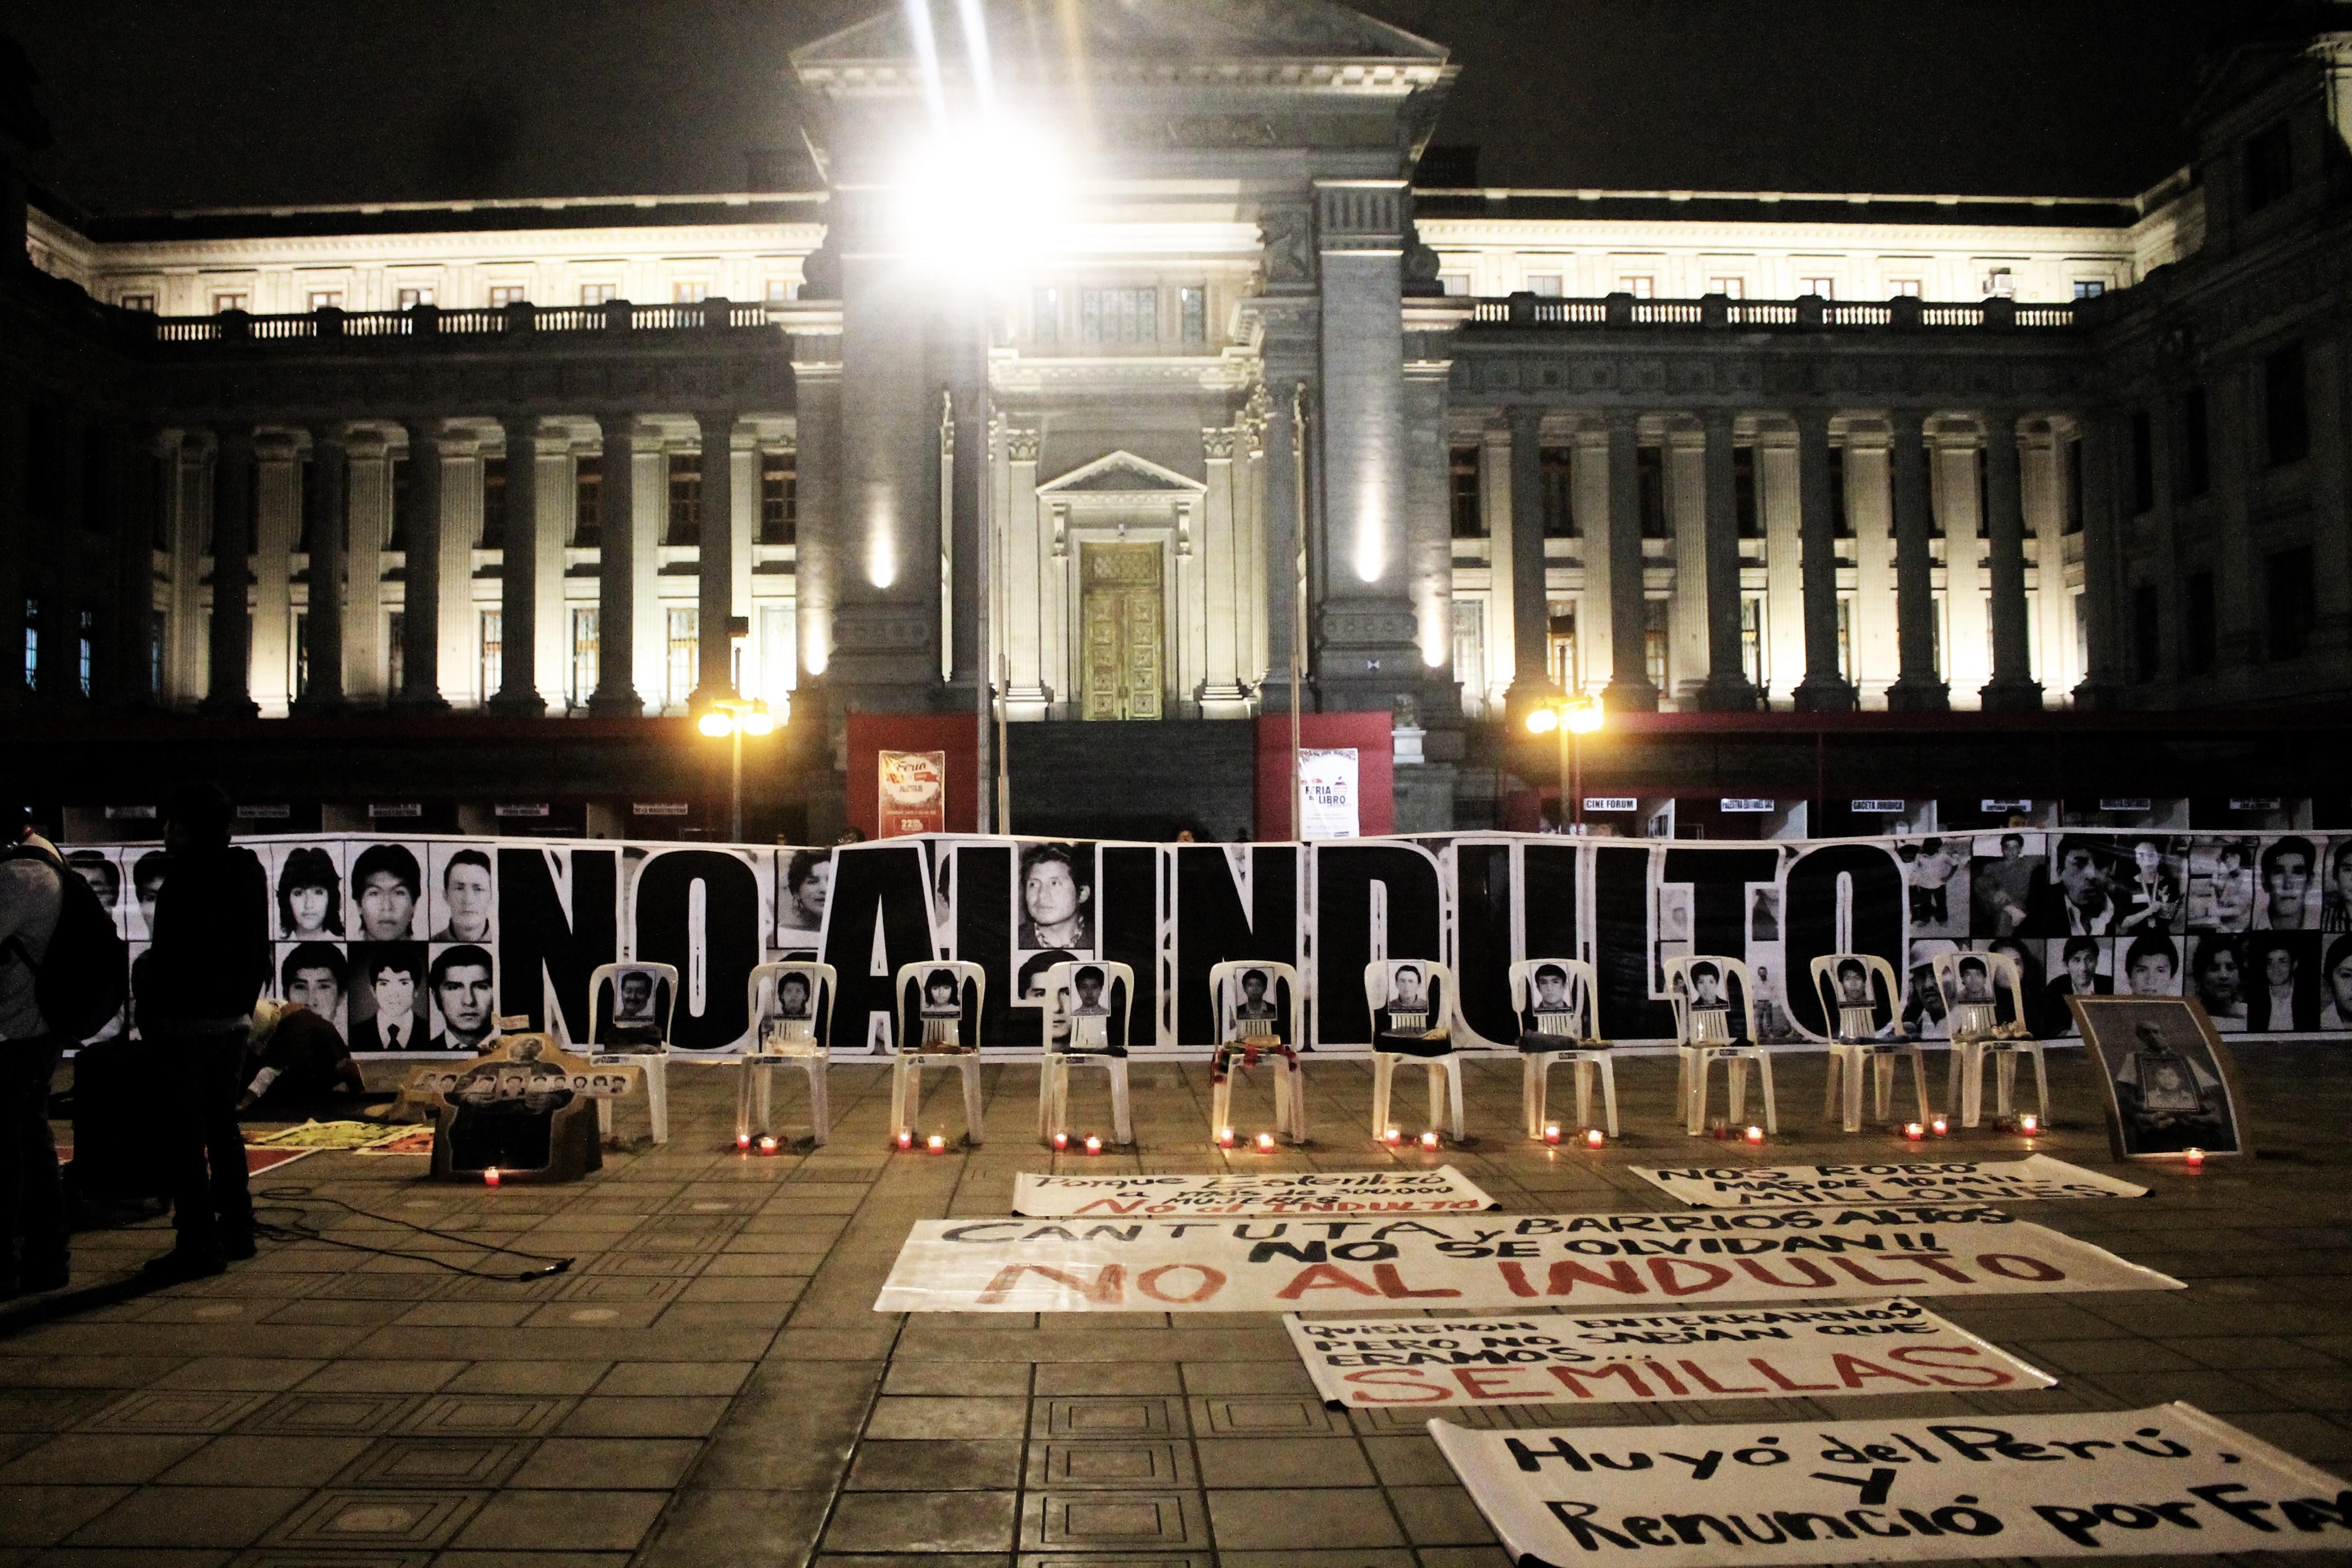 Operación indulto: Conspiración para liberar a un expresidente criminal